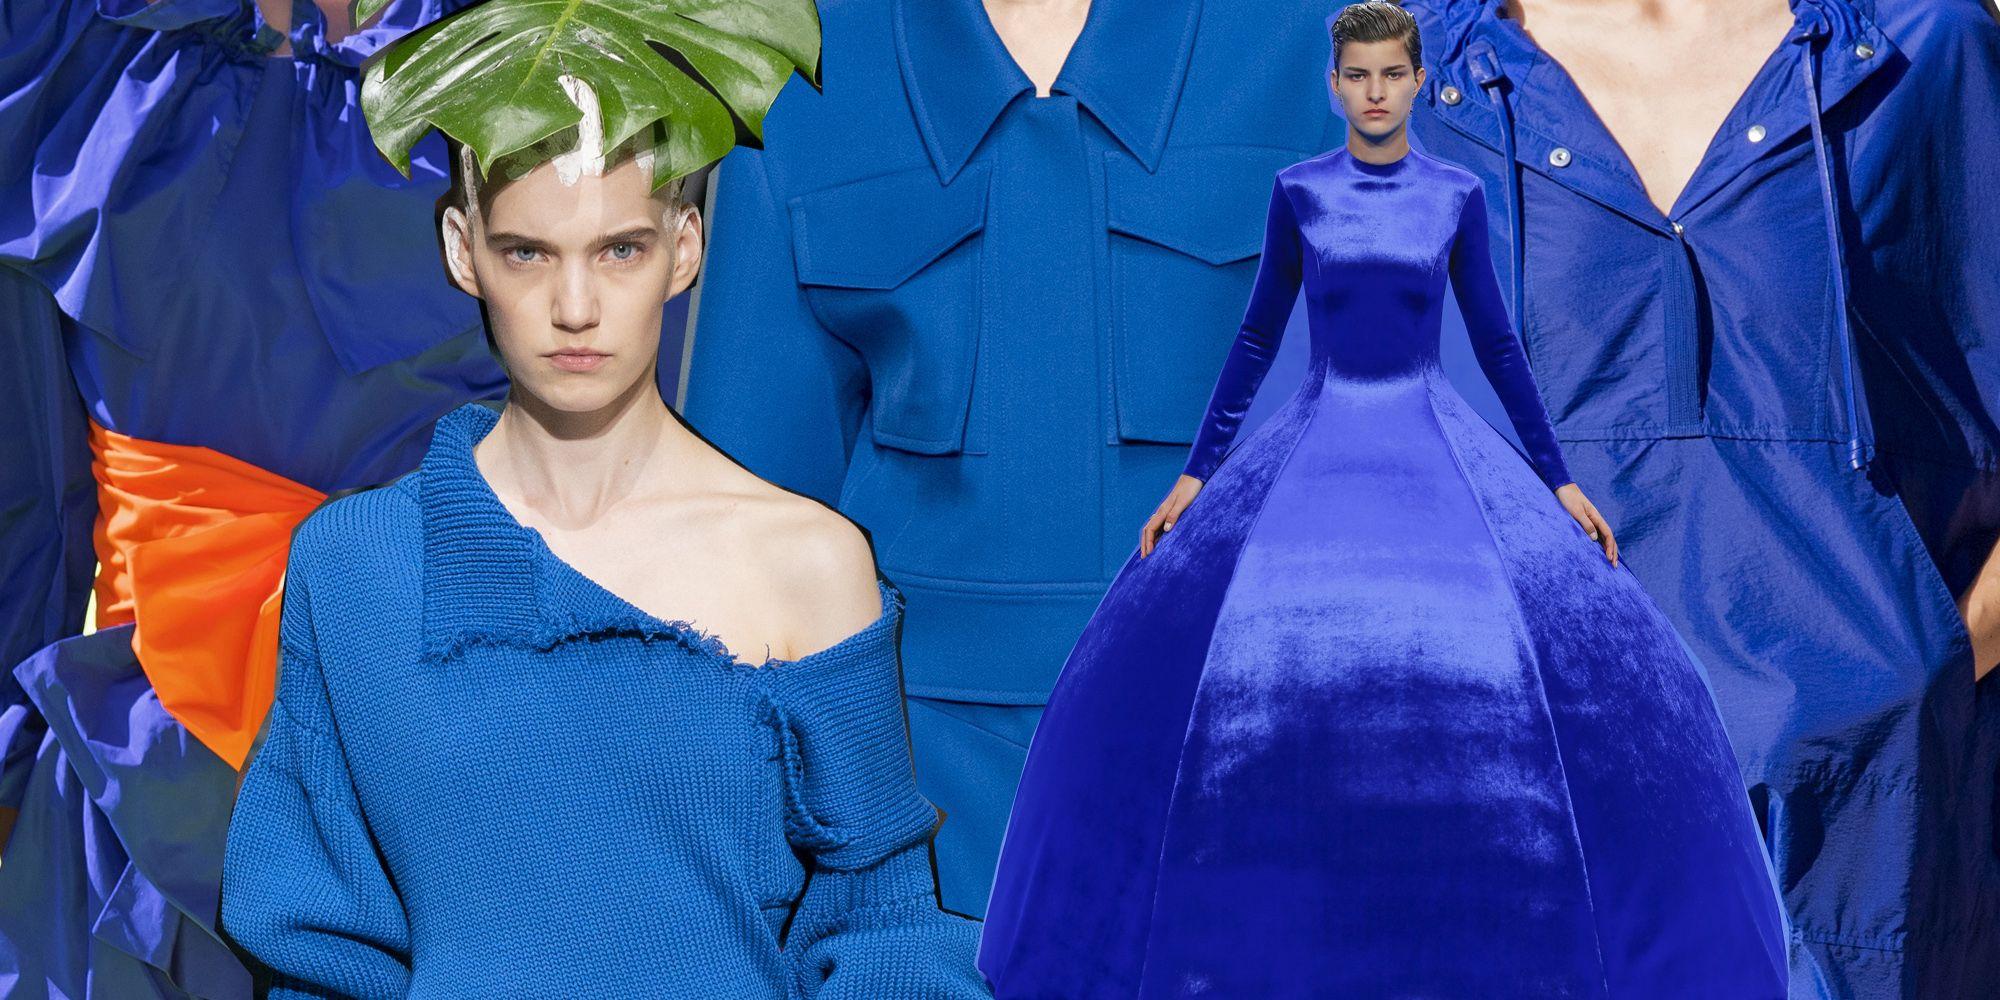 Quali colori abbinare a un vestito blu cobalto? | PG Magazine